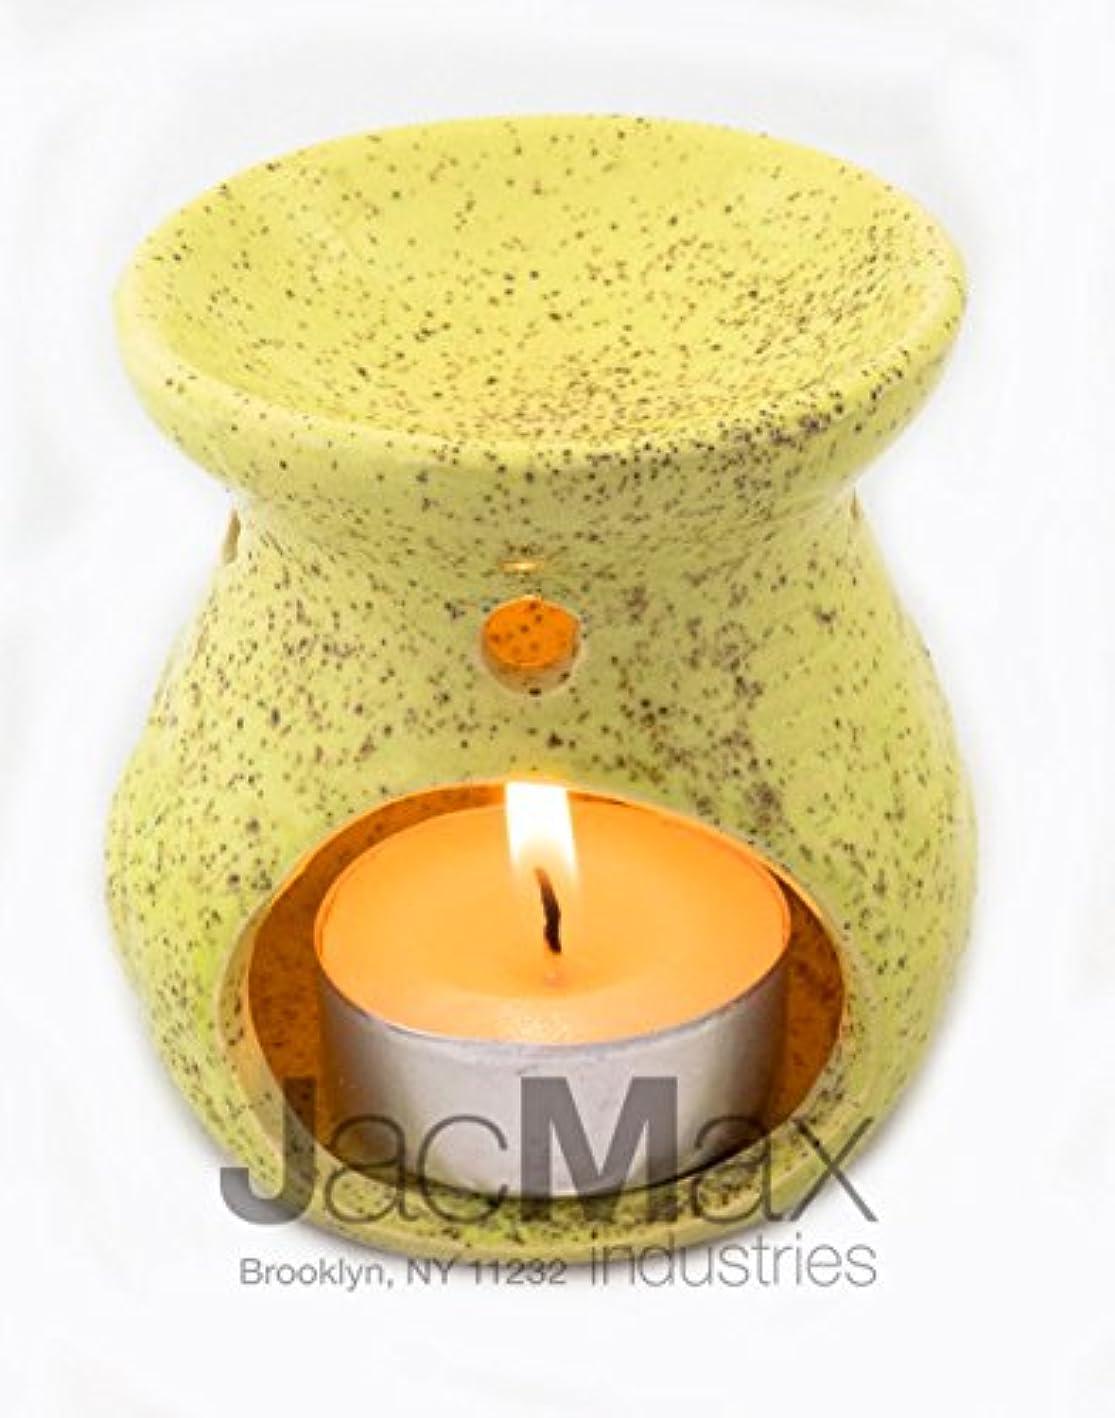 ノイズ手木製Expressive香りセラミックBurner for Oil andワックスMelts – Fragrance Oil Warmerランプイエロー26 – 17